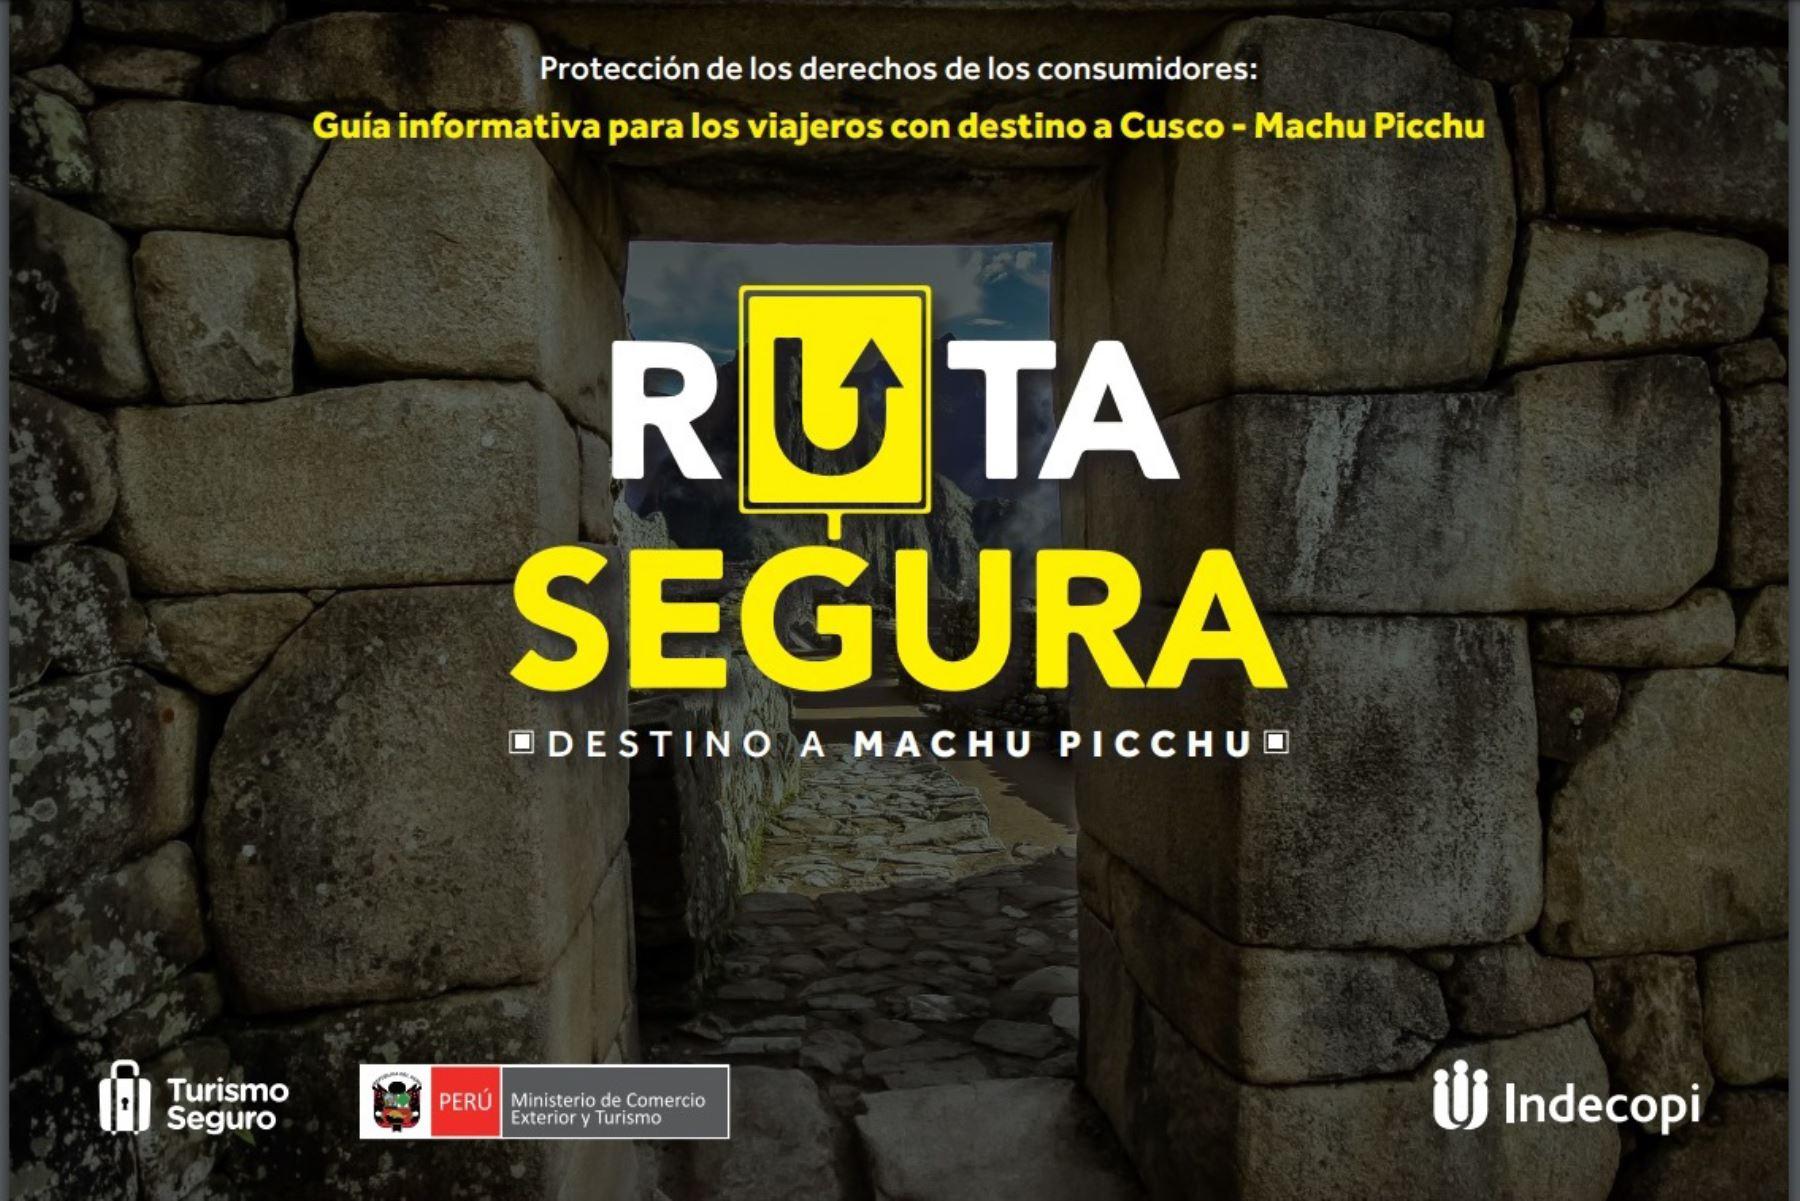 Ruta segura, destino Machu Picchu: estas son las obligaciones de las empresas que ofrecen servicios a los turistas. ANDINA/Difusión